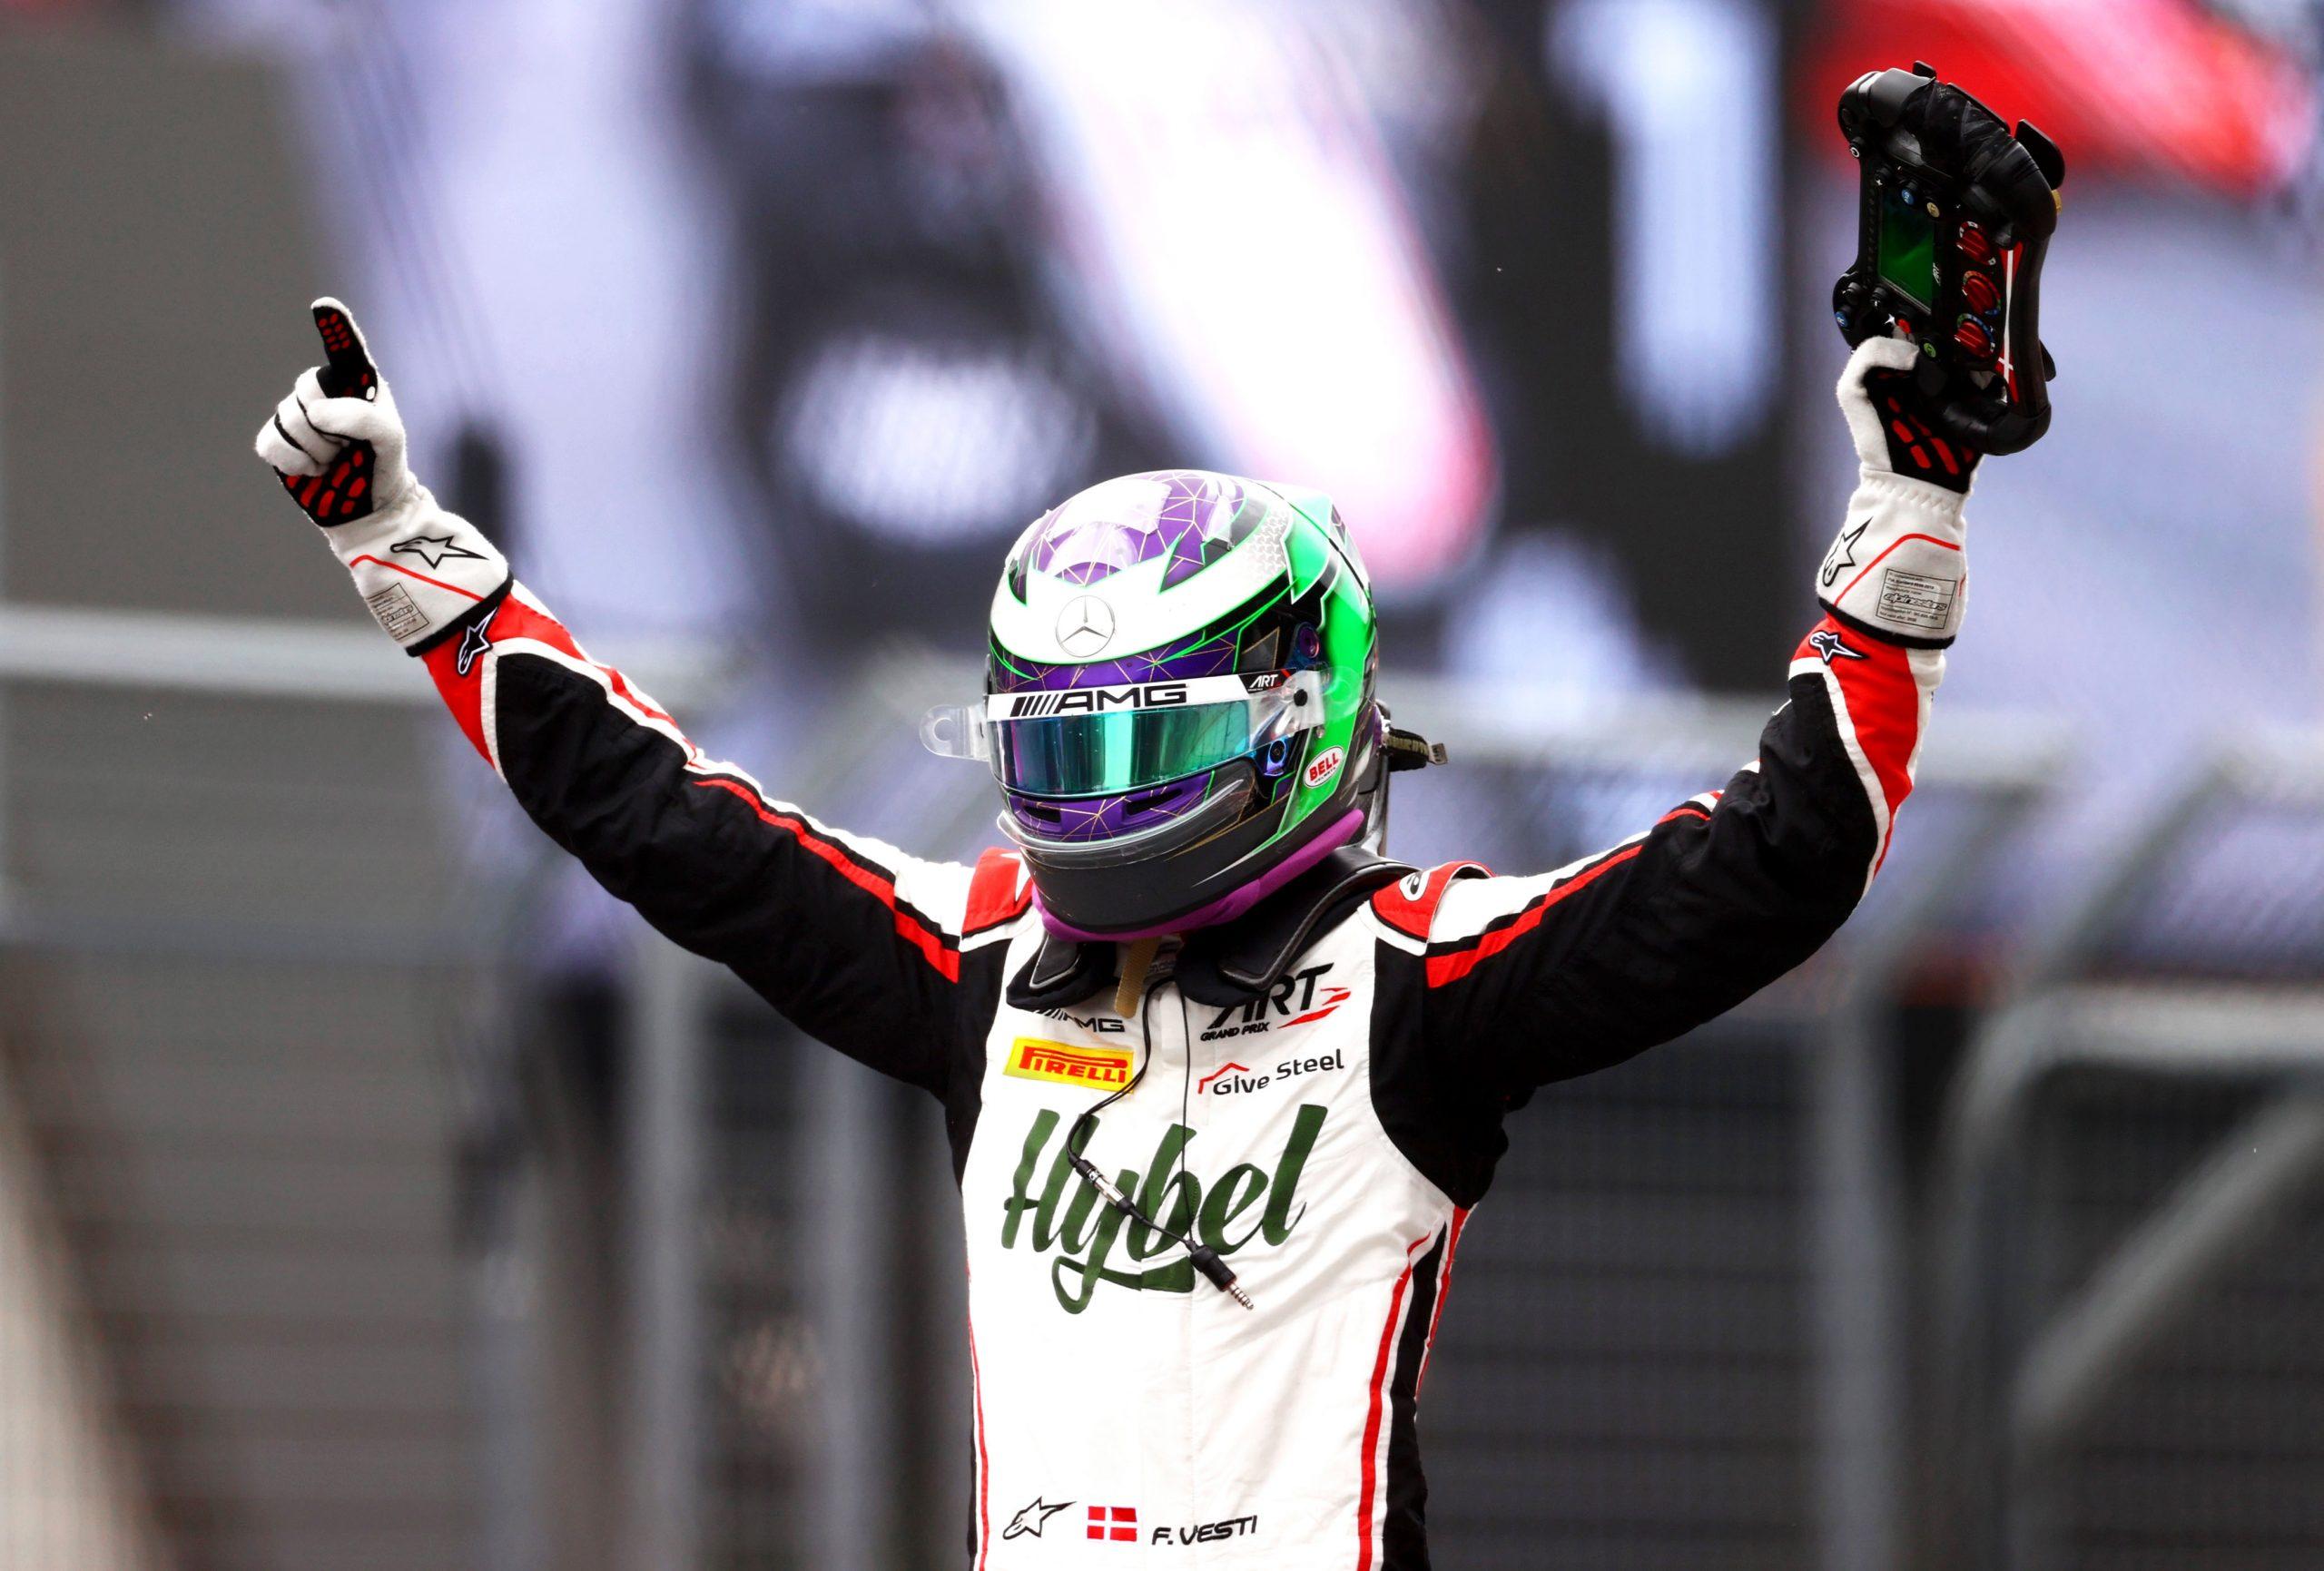 Une victoire et une deuxième place en Autriche